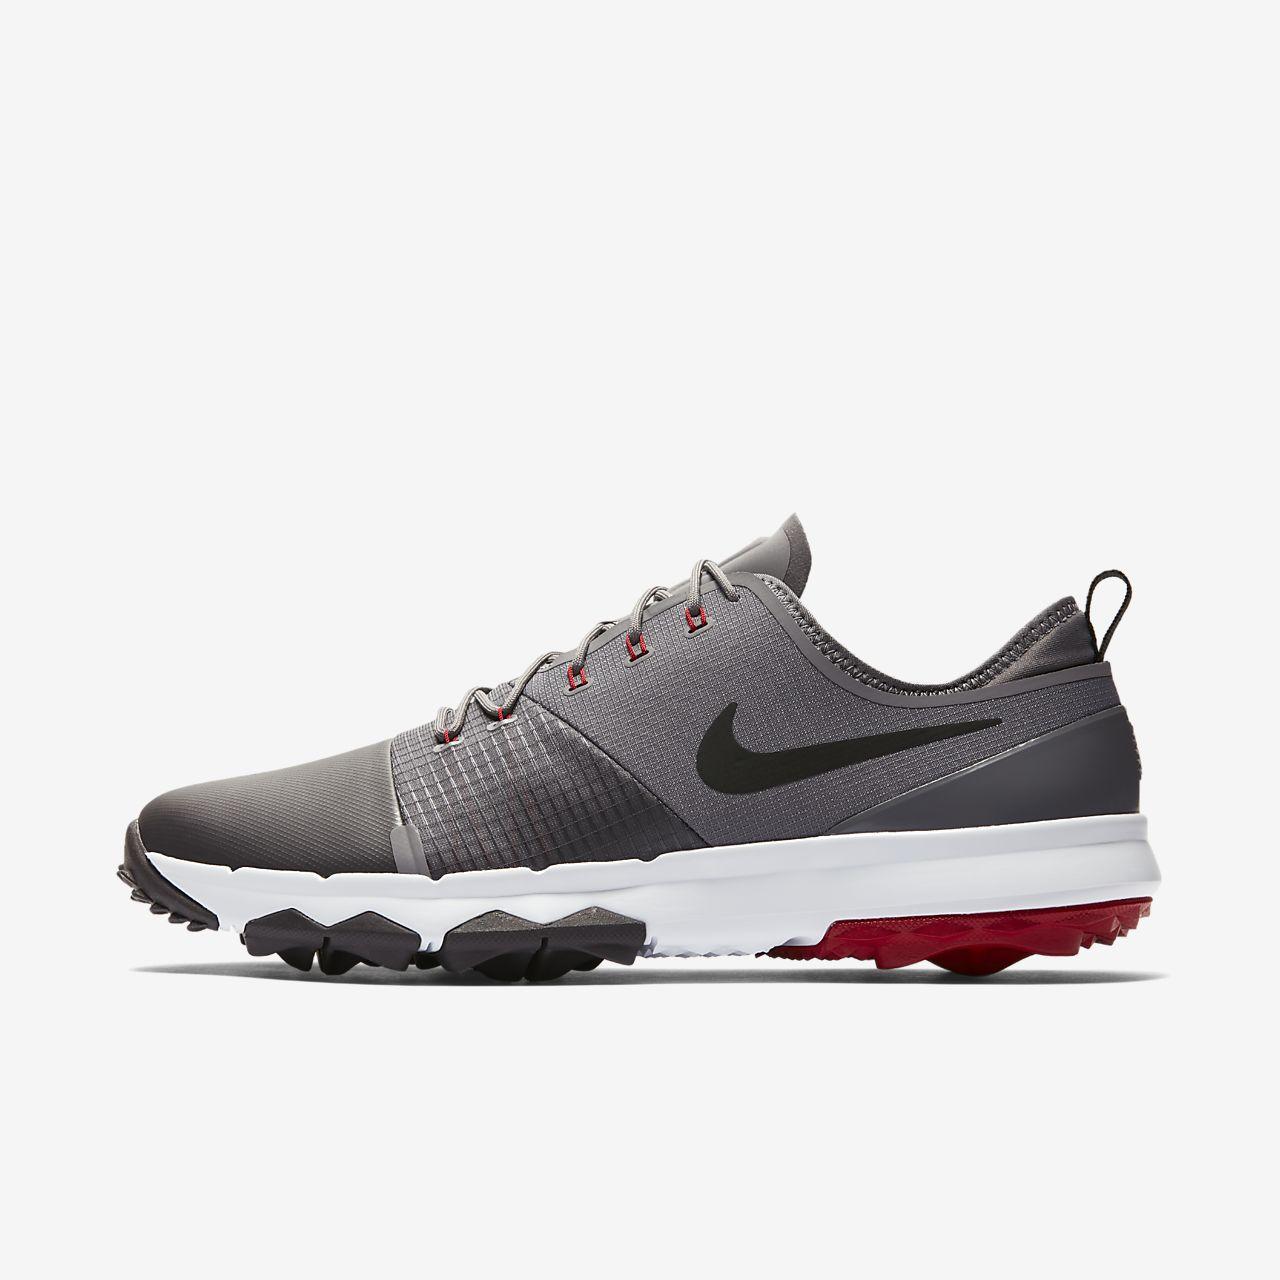 best cheap 2cd95 7d9ea ... Chaussure de golf Nike FI Impact 3 pour Homme